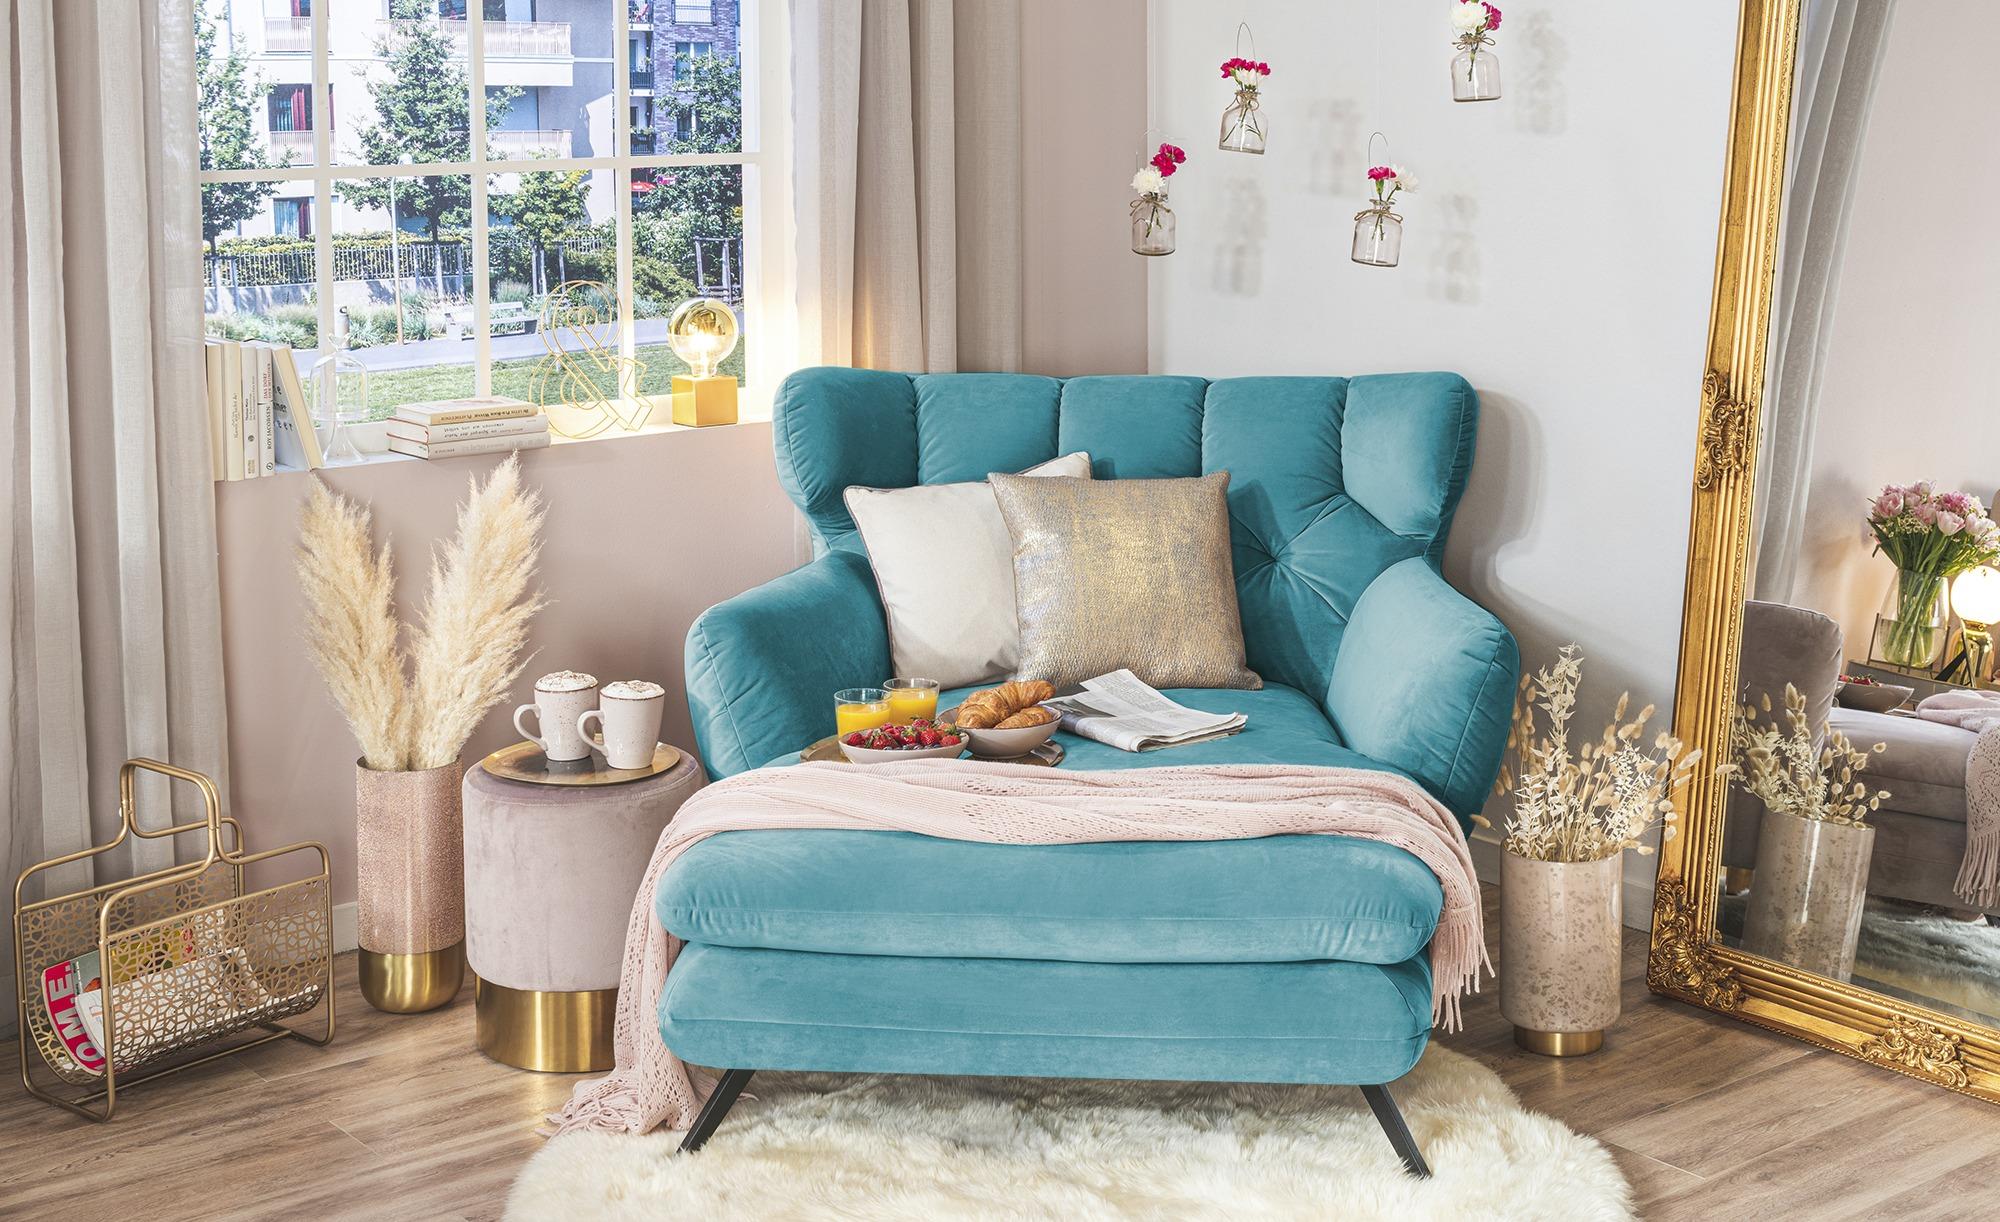 pop Longseat-Sessel  Caldara ¦ türkis/petrol ¦ Maße (cm): B: 126 H: 94 T: 160 Polstermöbel > Sessel > Ohrensessel - Höffner